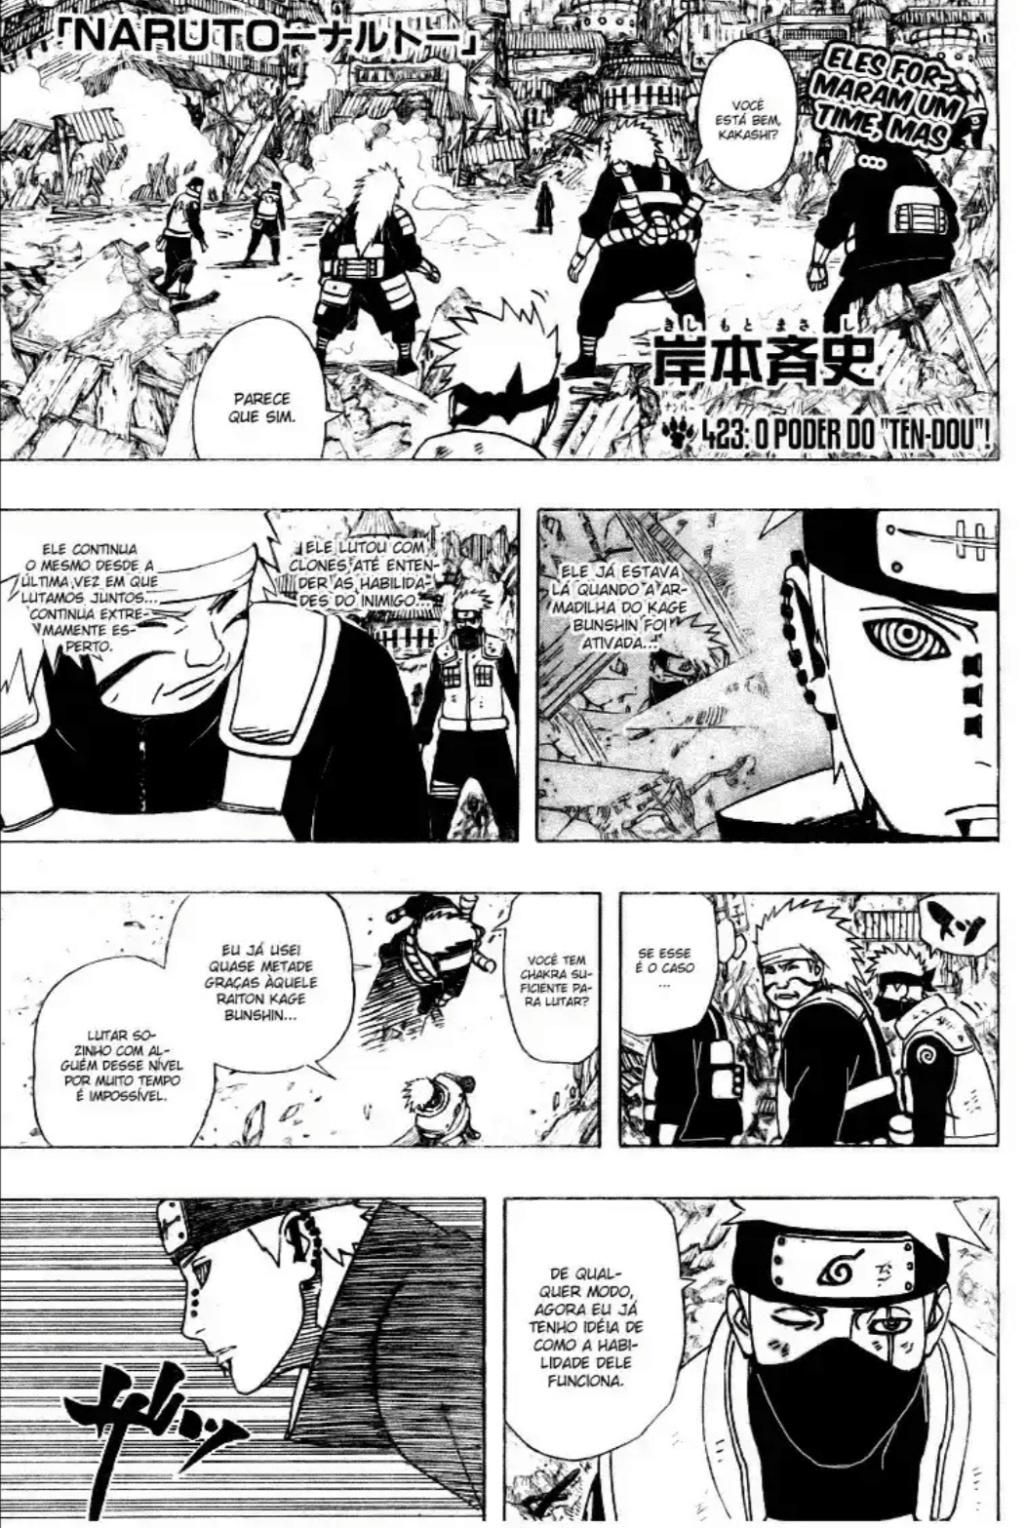 Hiruzen,Mei terumi e kurotsuchi vs Kakashi e gengetsu. Img_2269